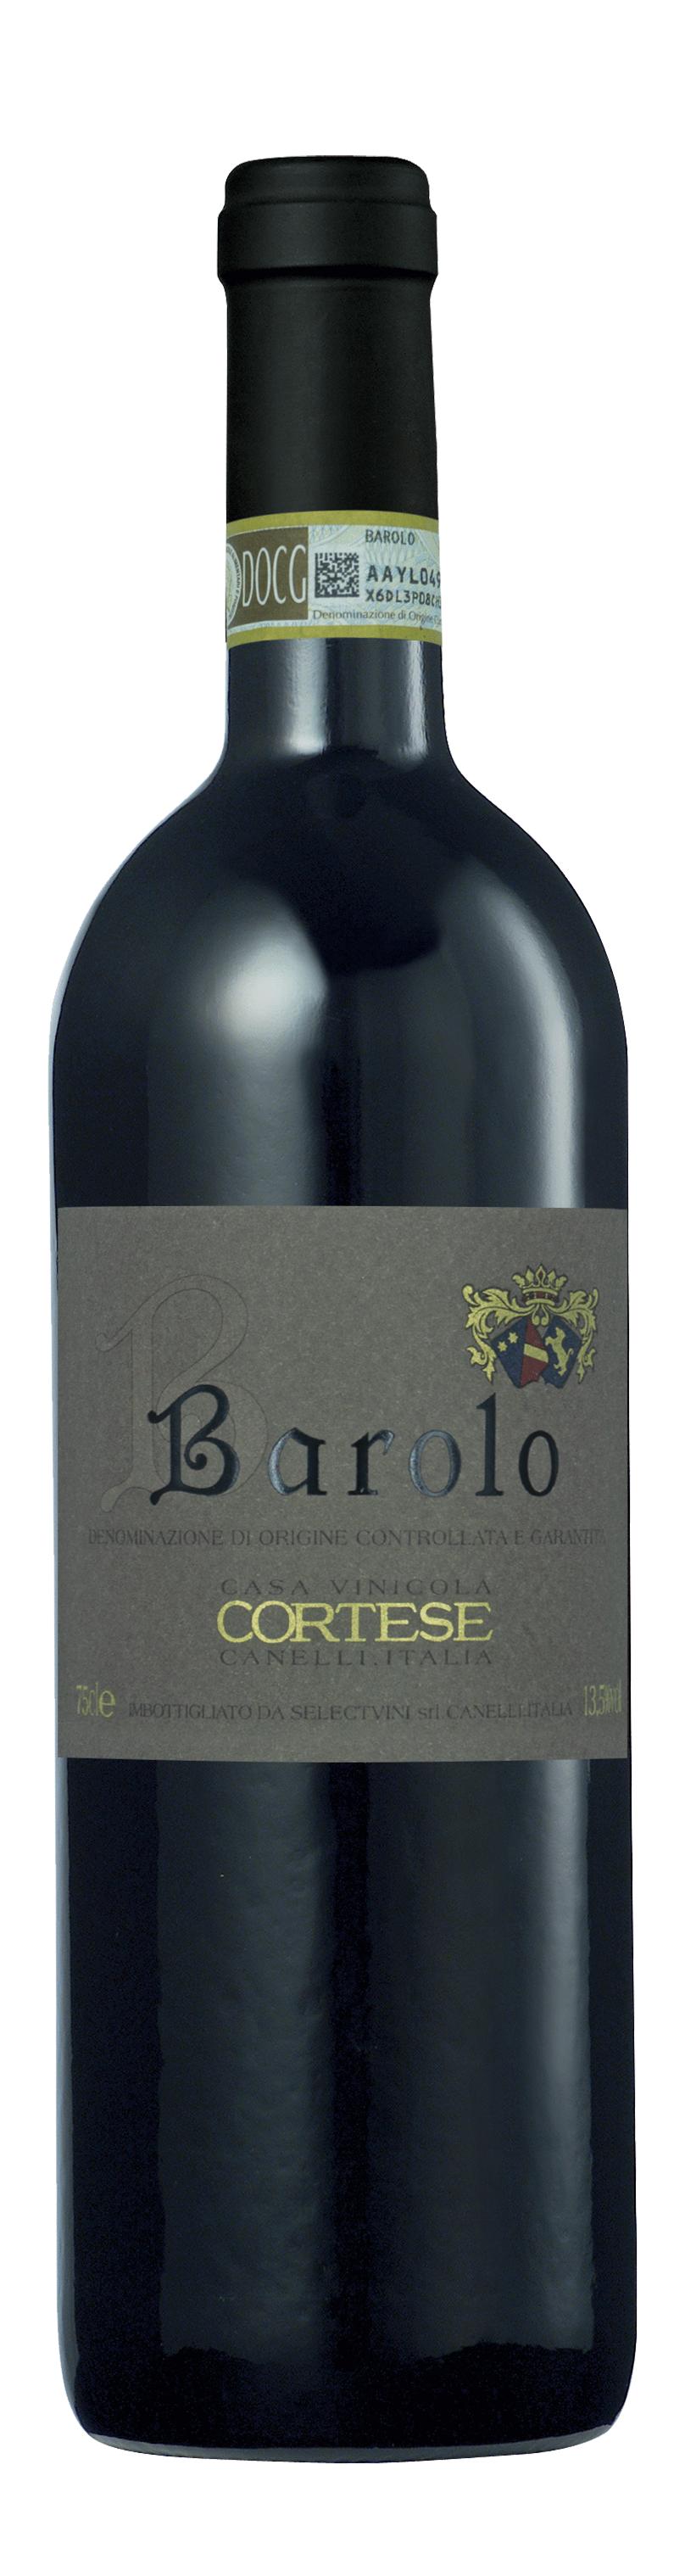 barolo-cortese